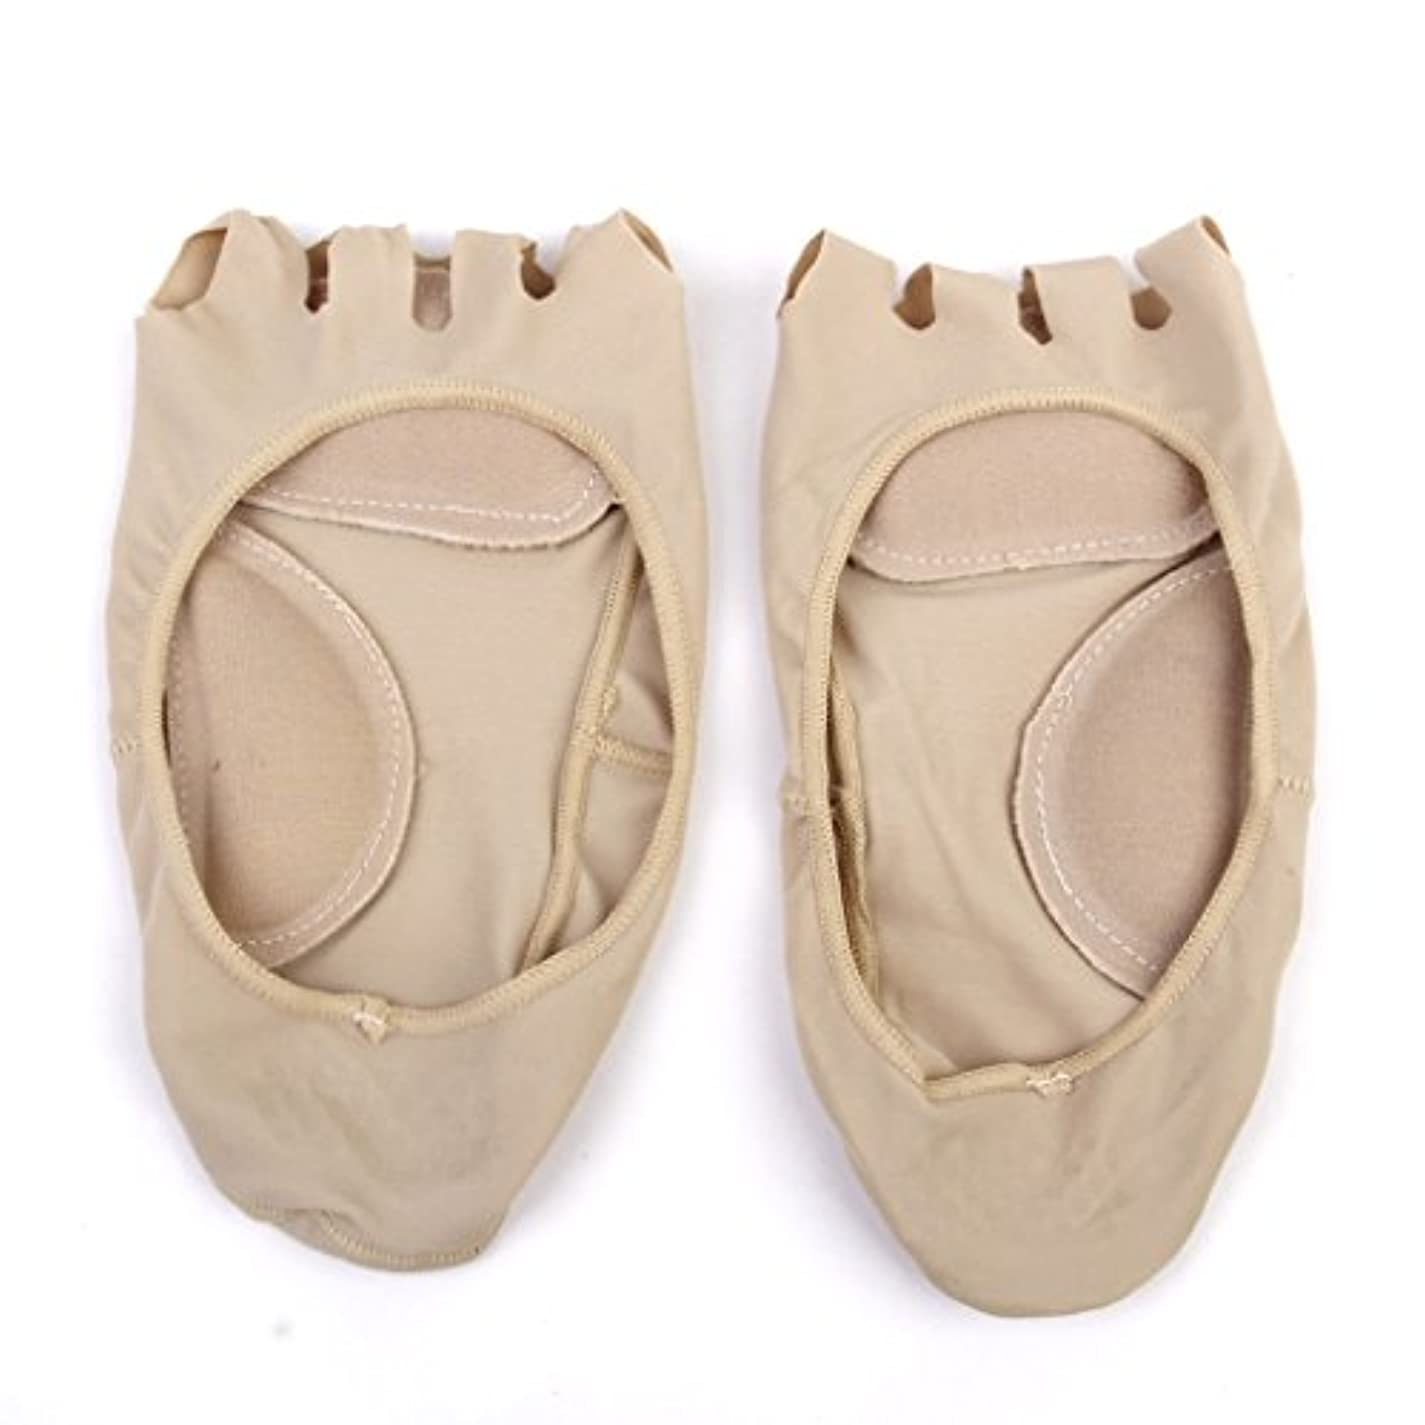 快いセマフォ形状【Footful】ソックス 靴下 5つ本指つま先 ボートソックス マッサージパッド 見えない 滑り止め アンクルソックス (ヌード)